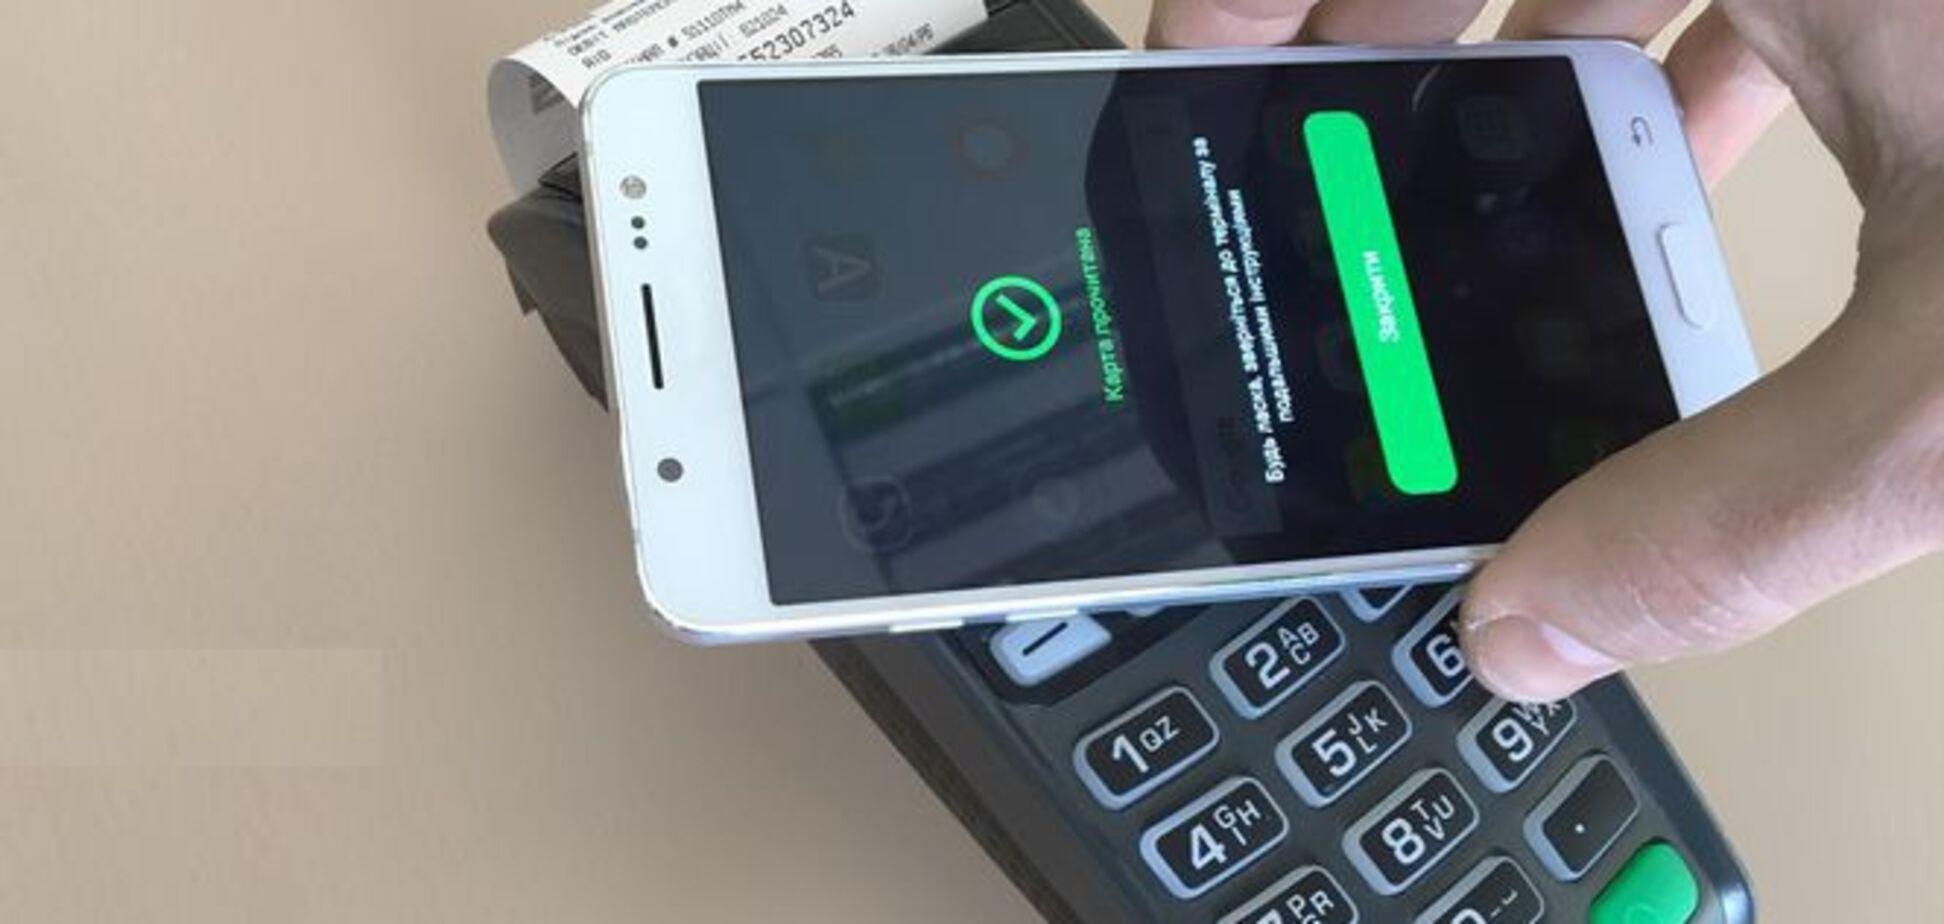 В Україні Apple Pay став доступним для клієнтів будь-якого банку: покрокова інструкція